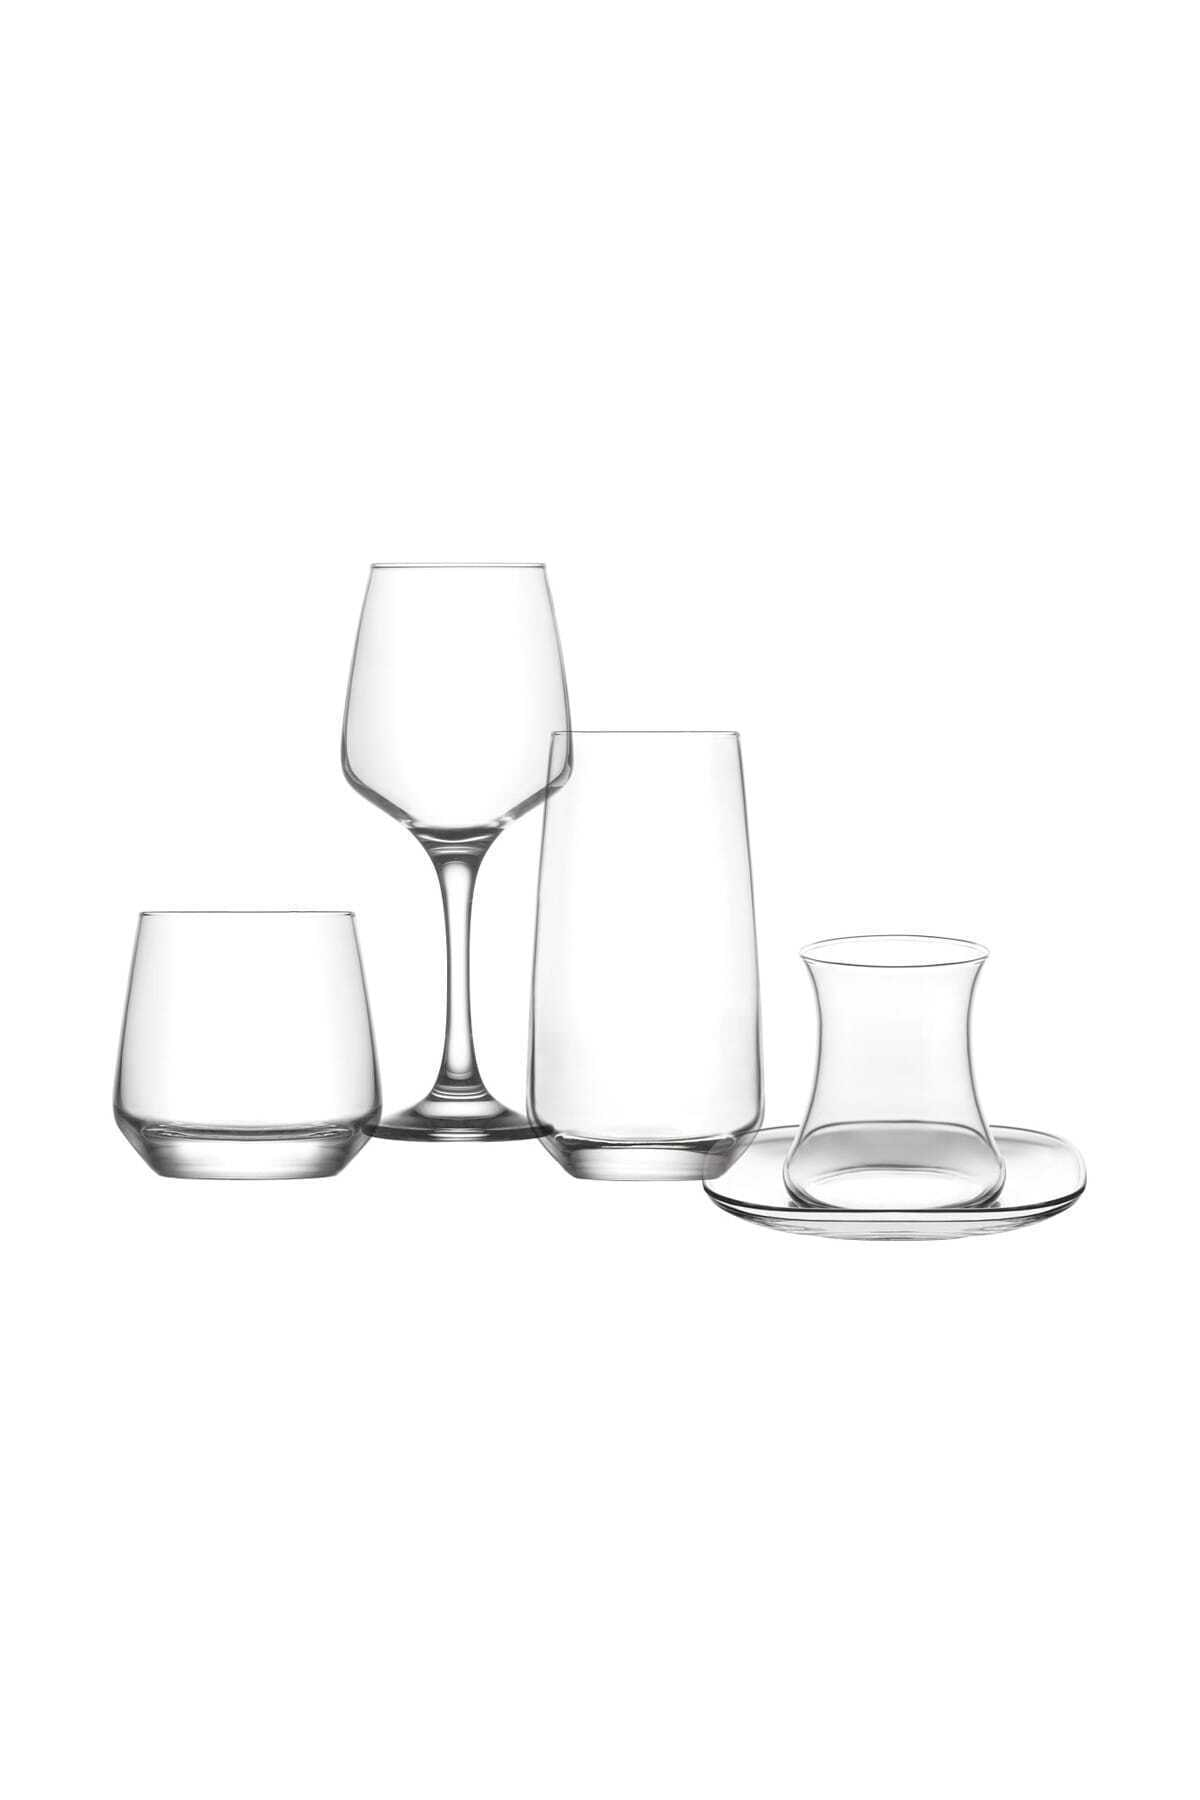 LAV Lal Çeyiz Seti 30'prç. Su Bardak - Bardağı - Meşrubat Bardağı 2